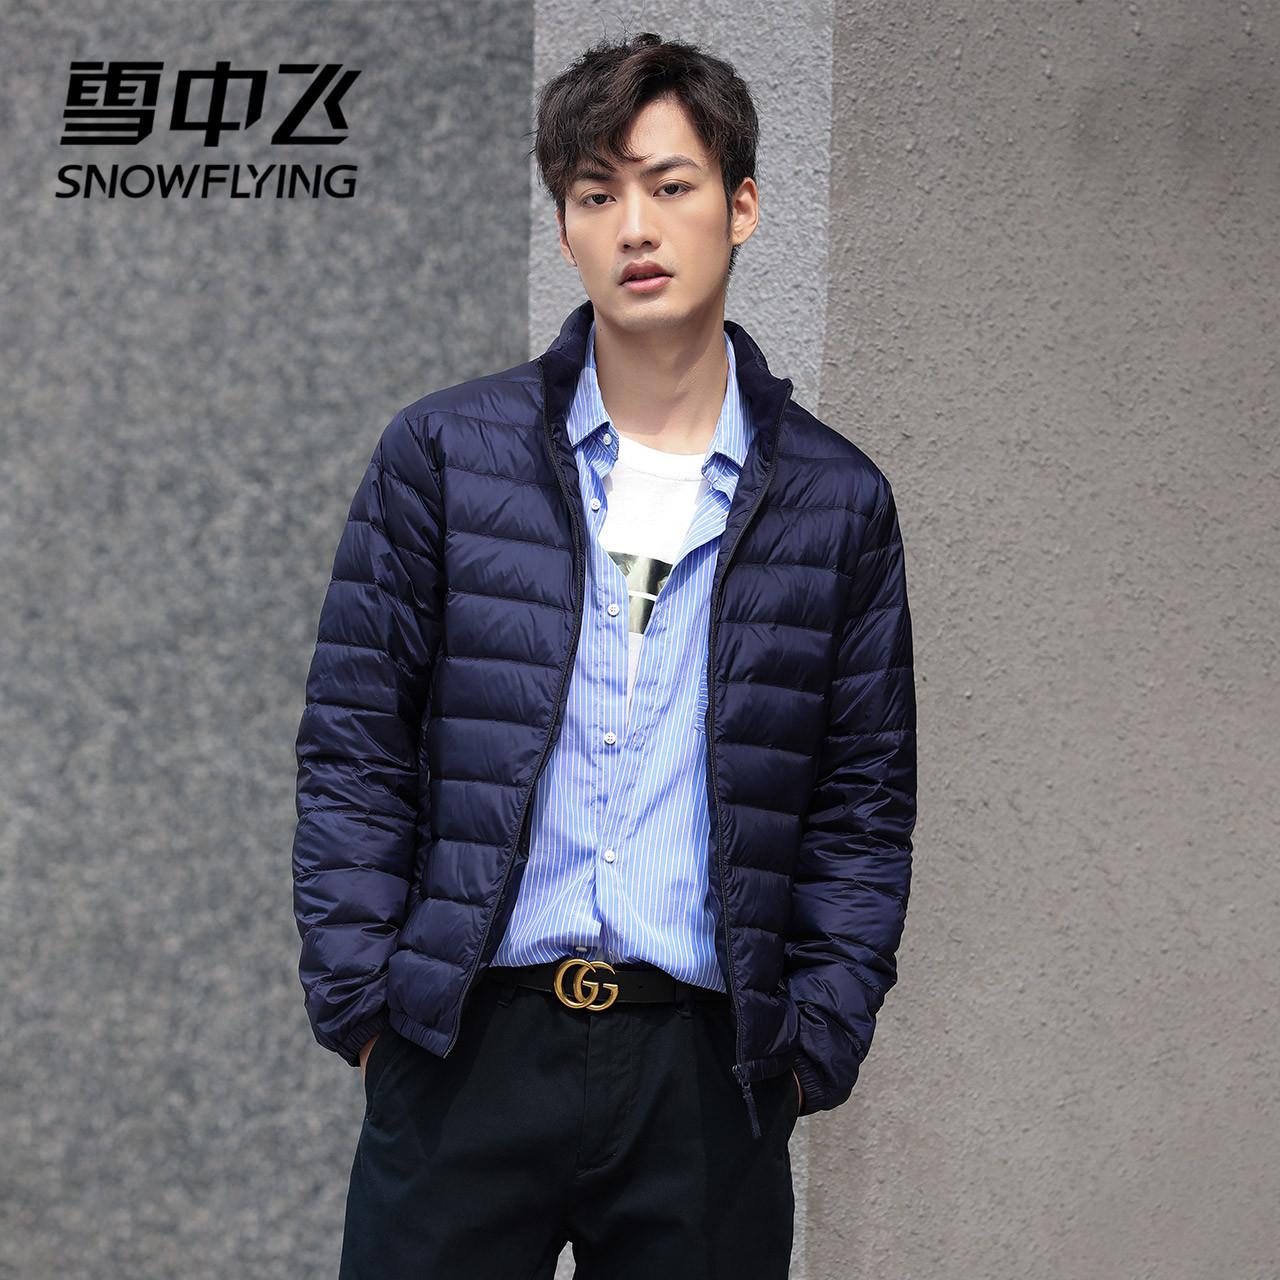 雪中飞2021基础简约时尚休闲保暖男士立领短款轻薄羽绒服外套